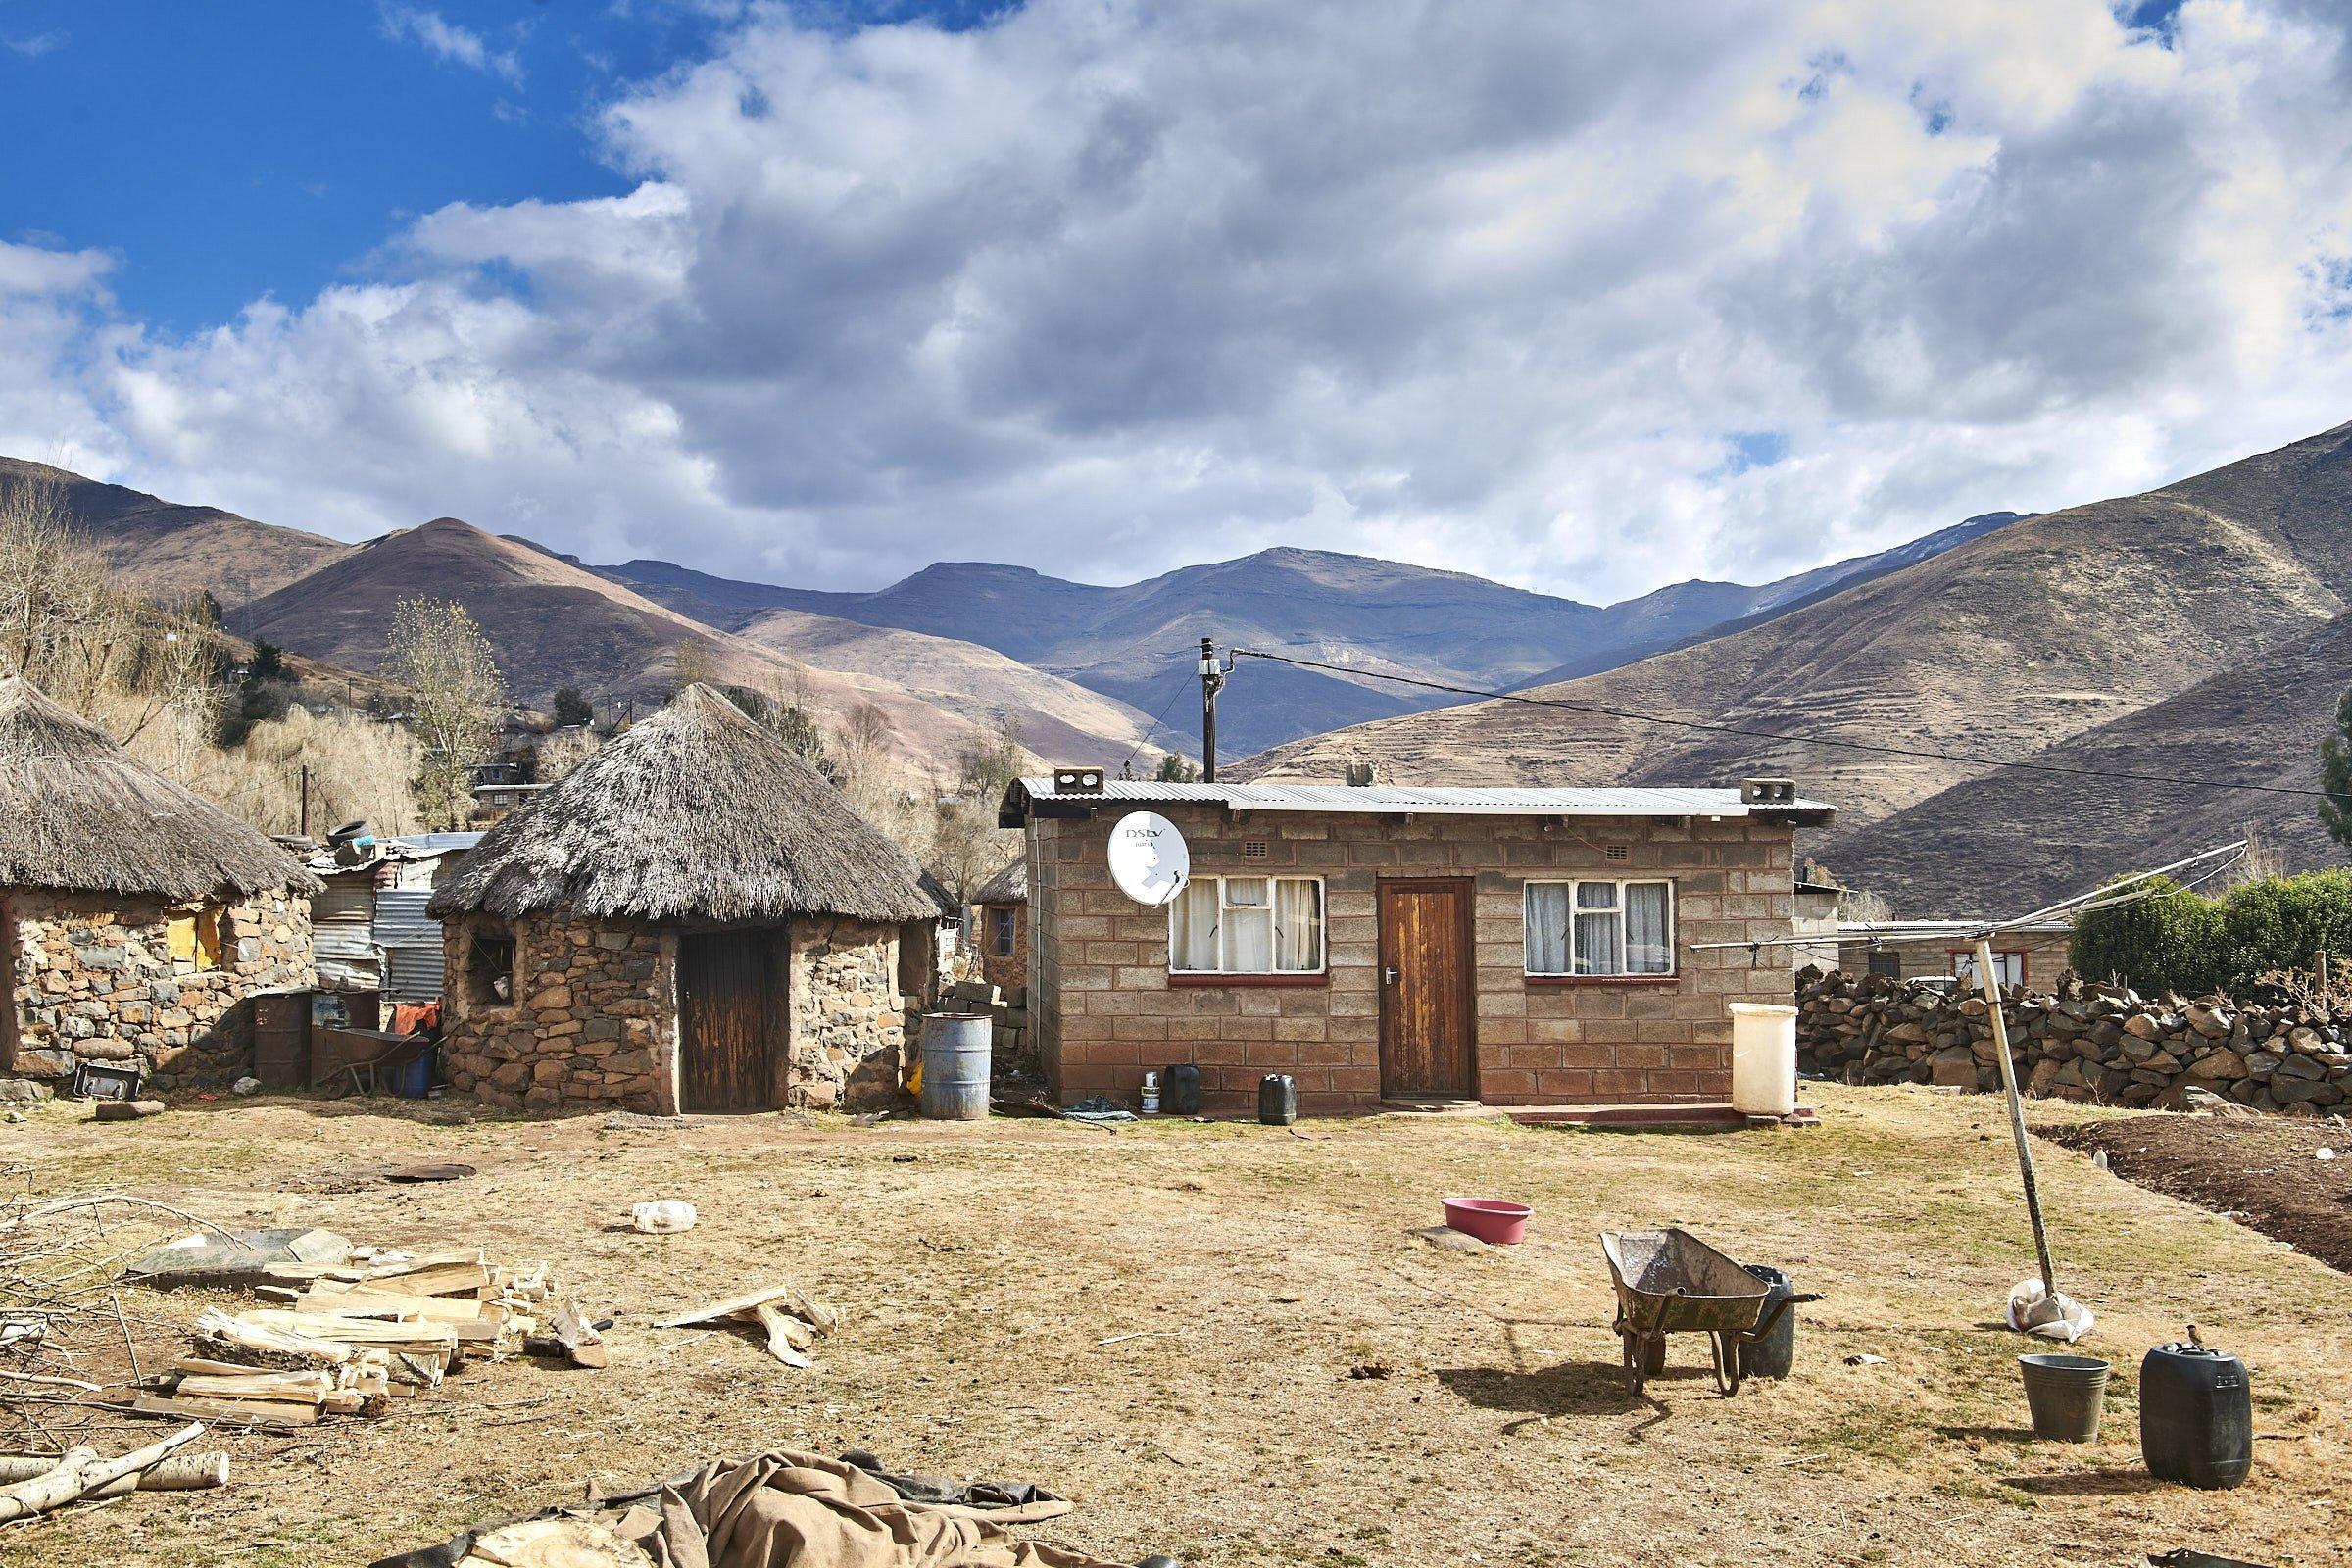 Ein kleines rechteckiges Haus mit Wellblechdach steht neben einem traditionellen Rundhaus – grasgedeckt, aus Naturstein